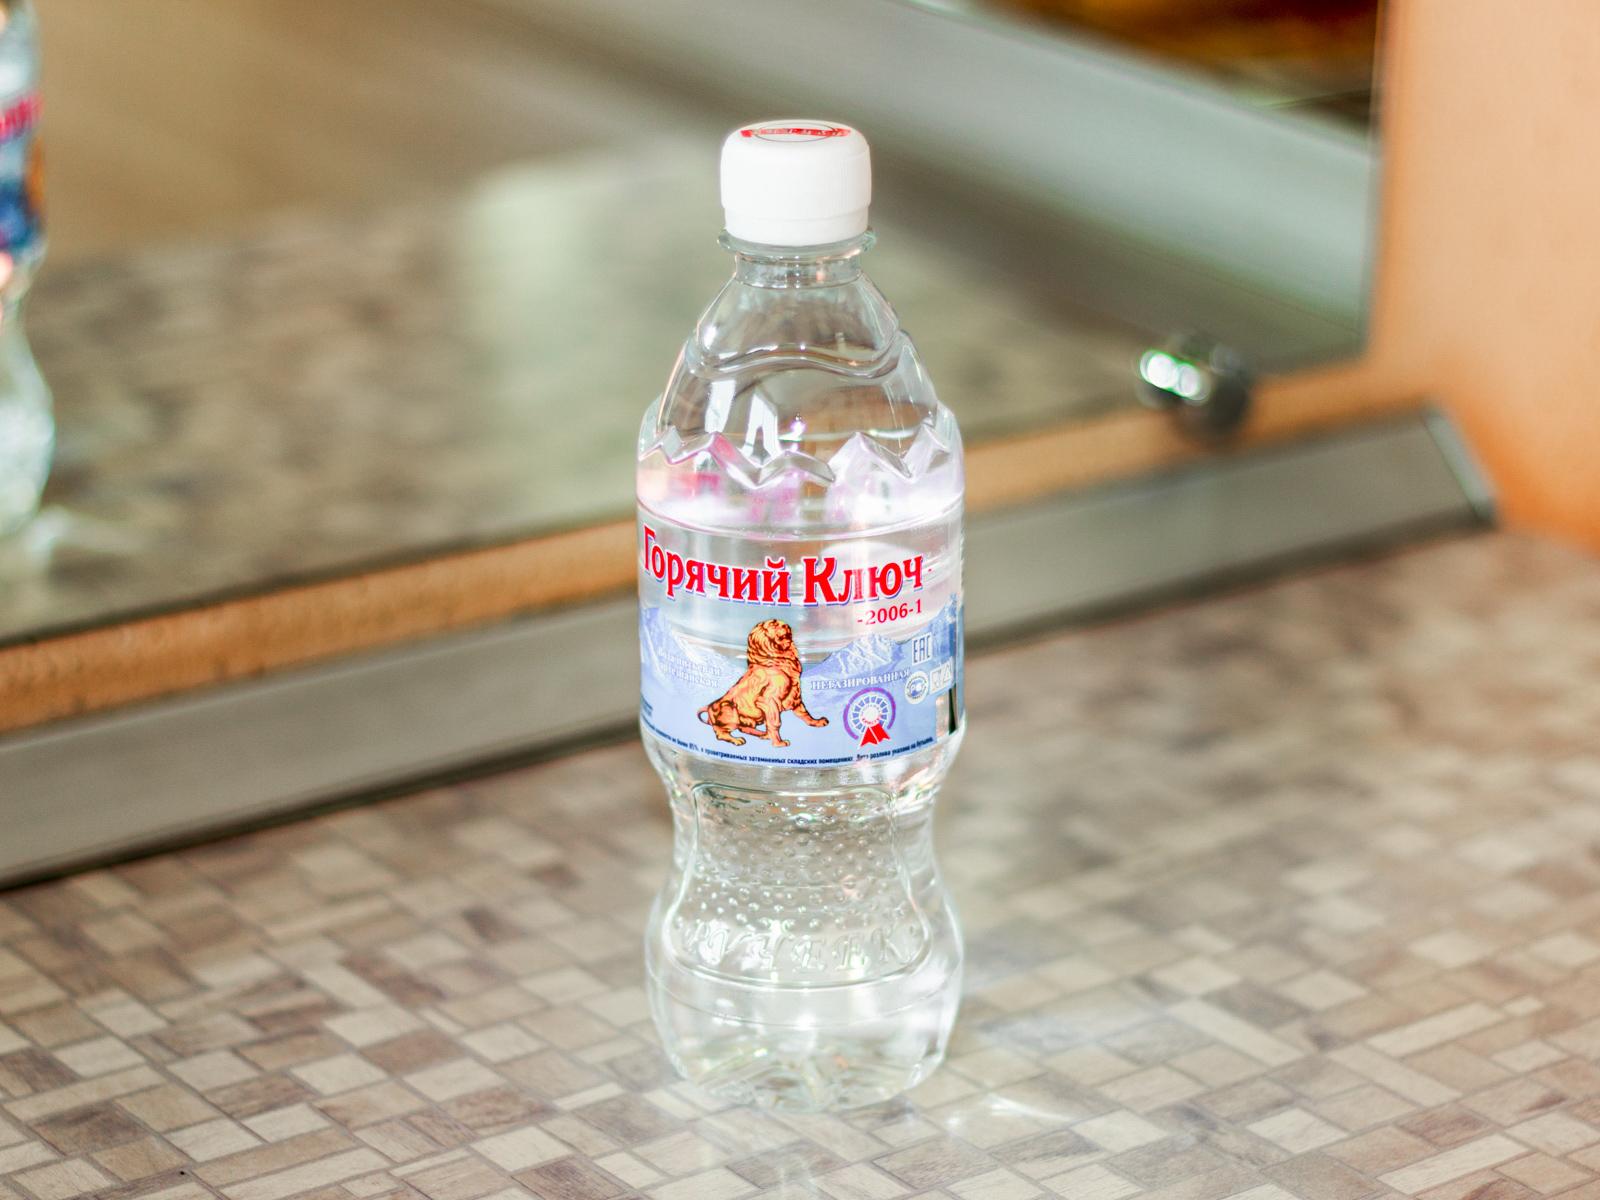 Вода минеральная Горячий ключ 2006